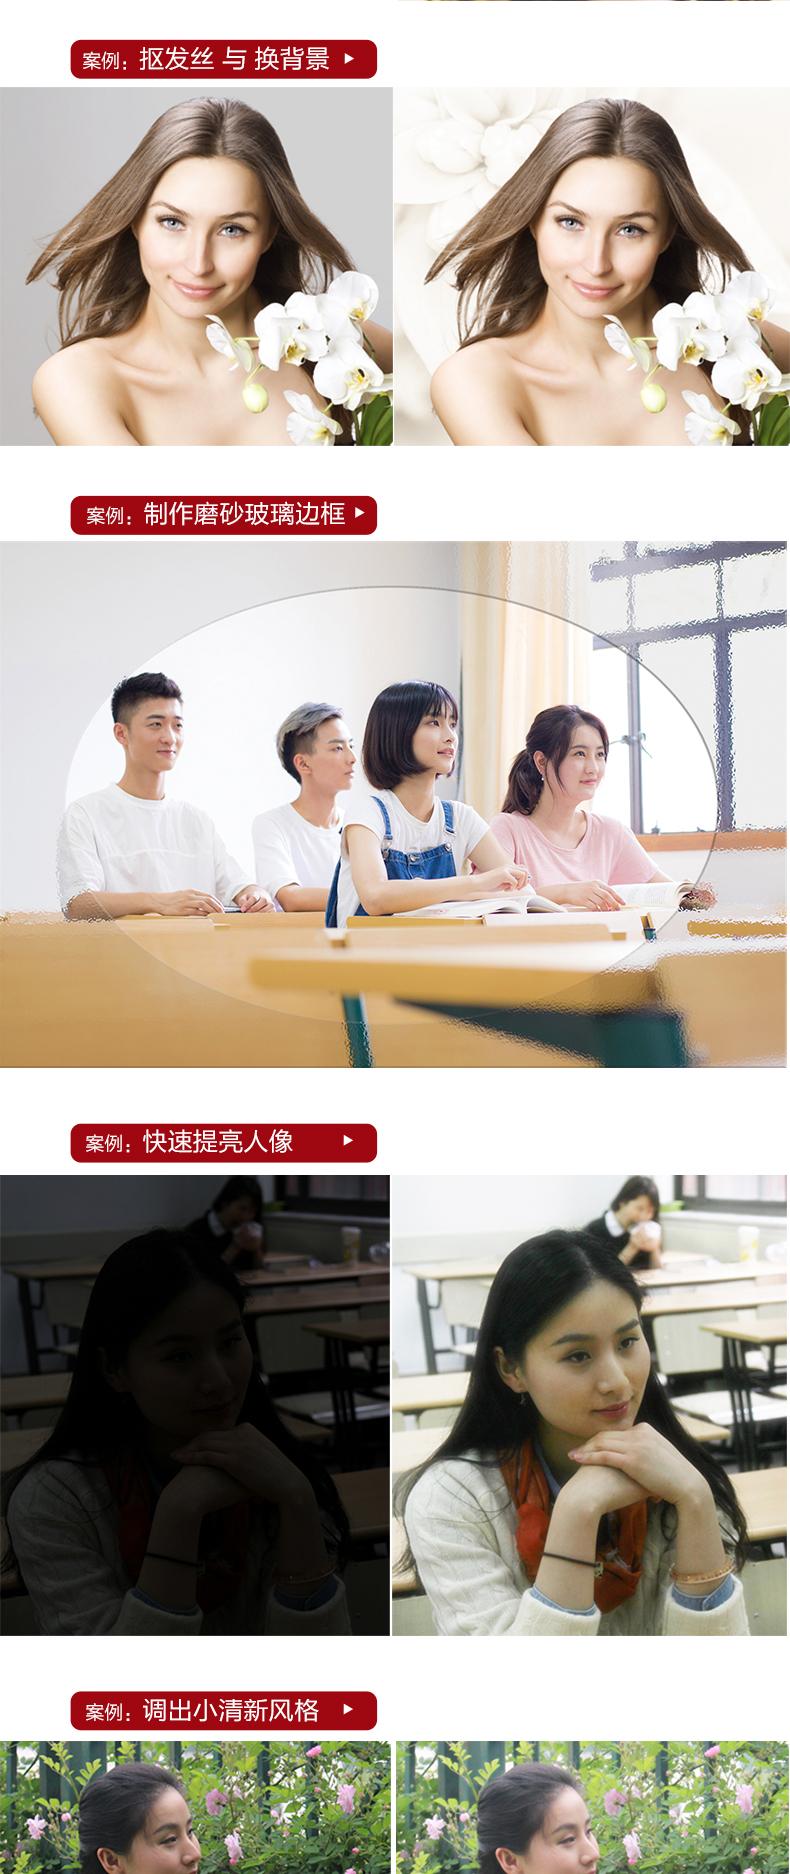 淘宝班详情页2_09.jpg